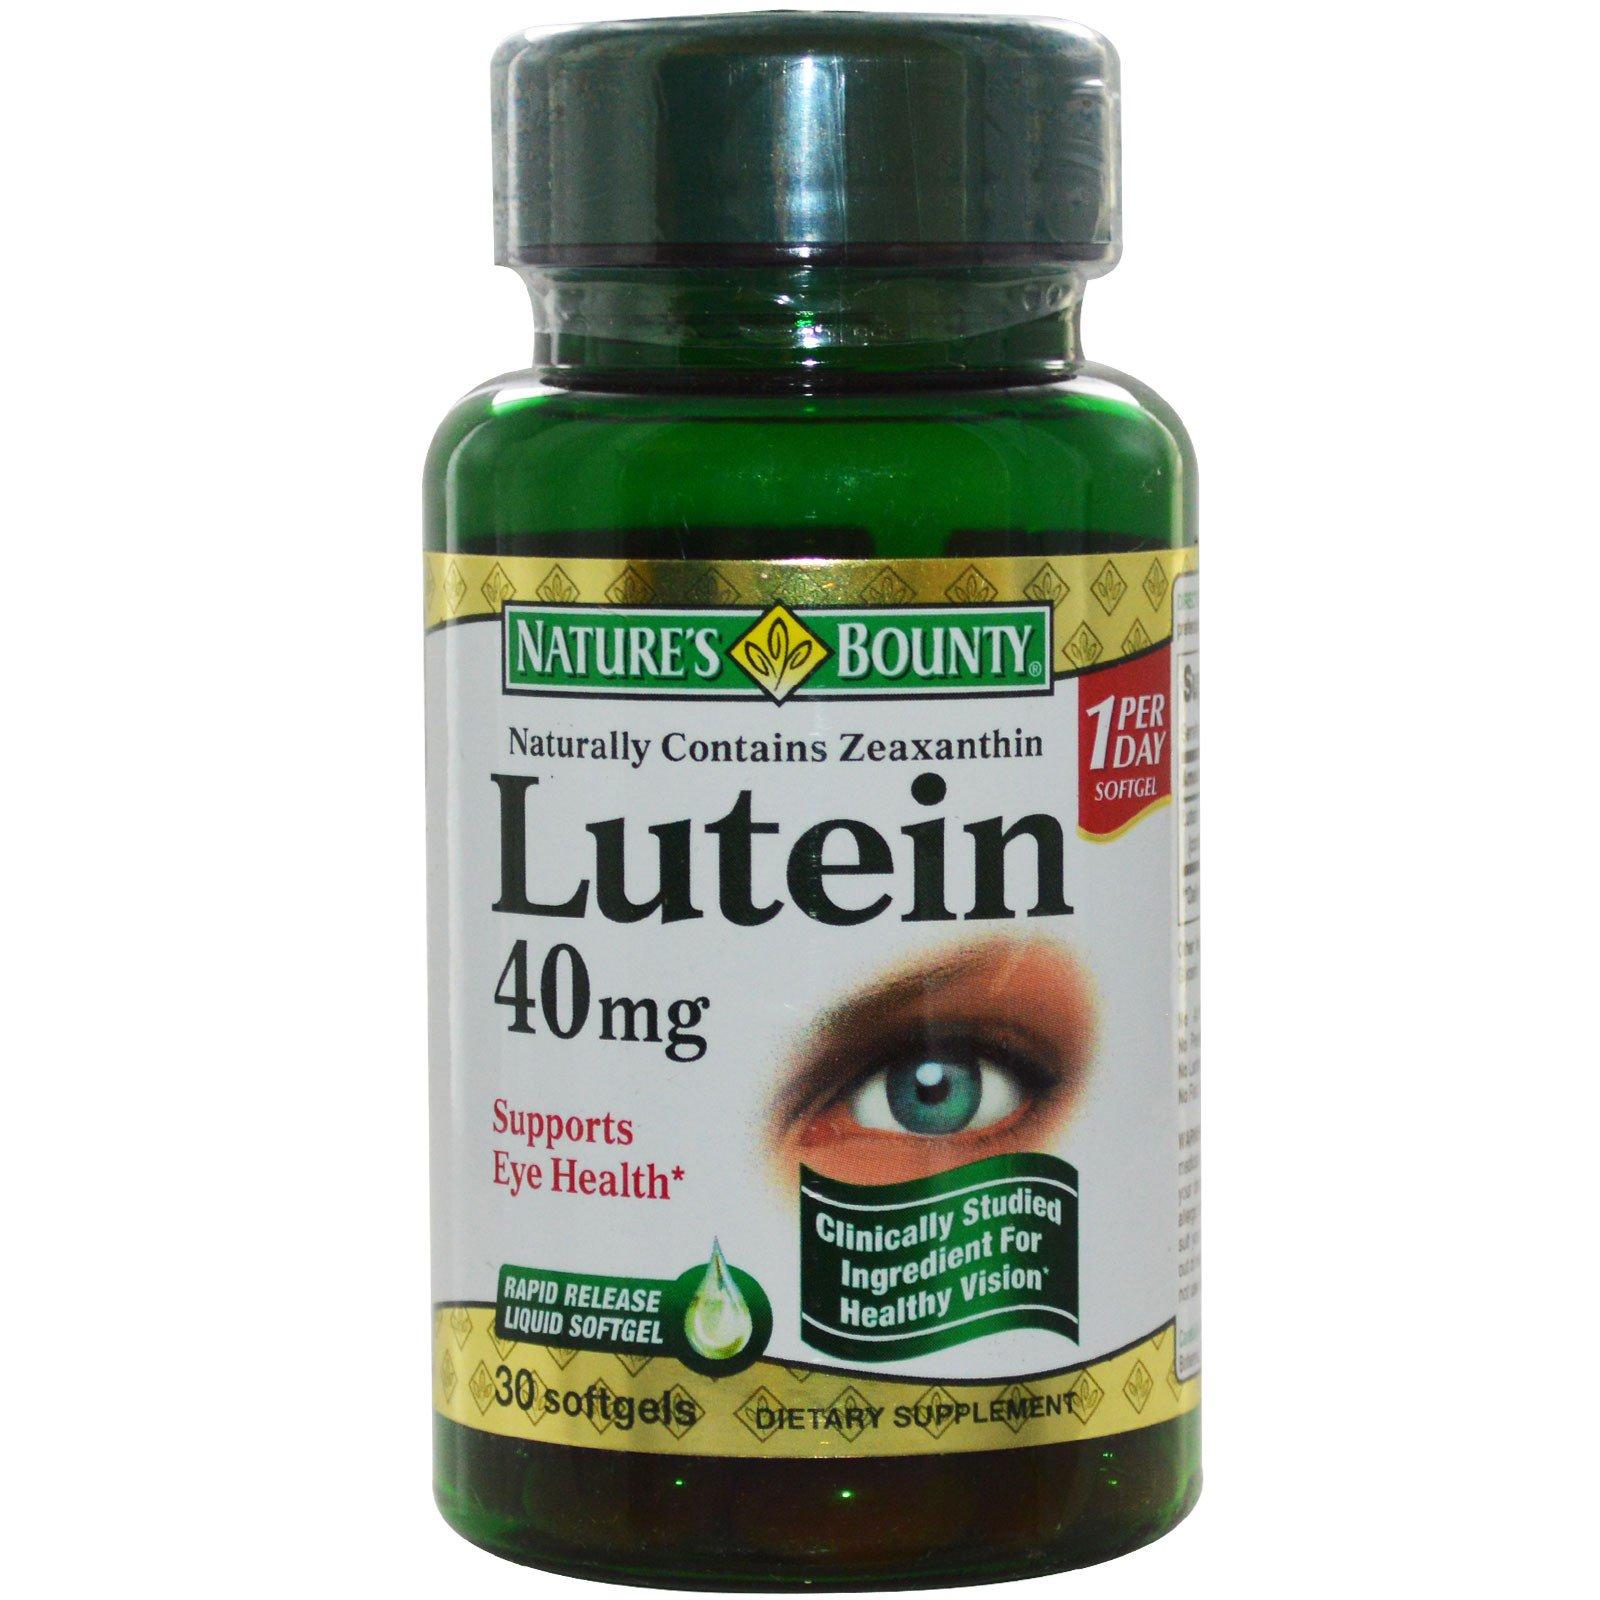 Nature's Bounty, Лютеин, 40 мг, 30 мягких желатиновых капсул с быстрым высвобождением вещества